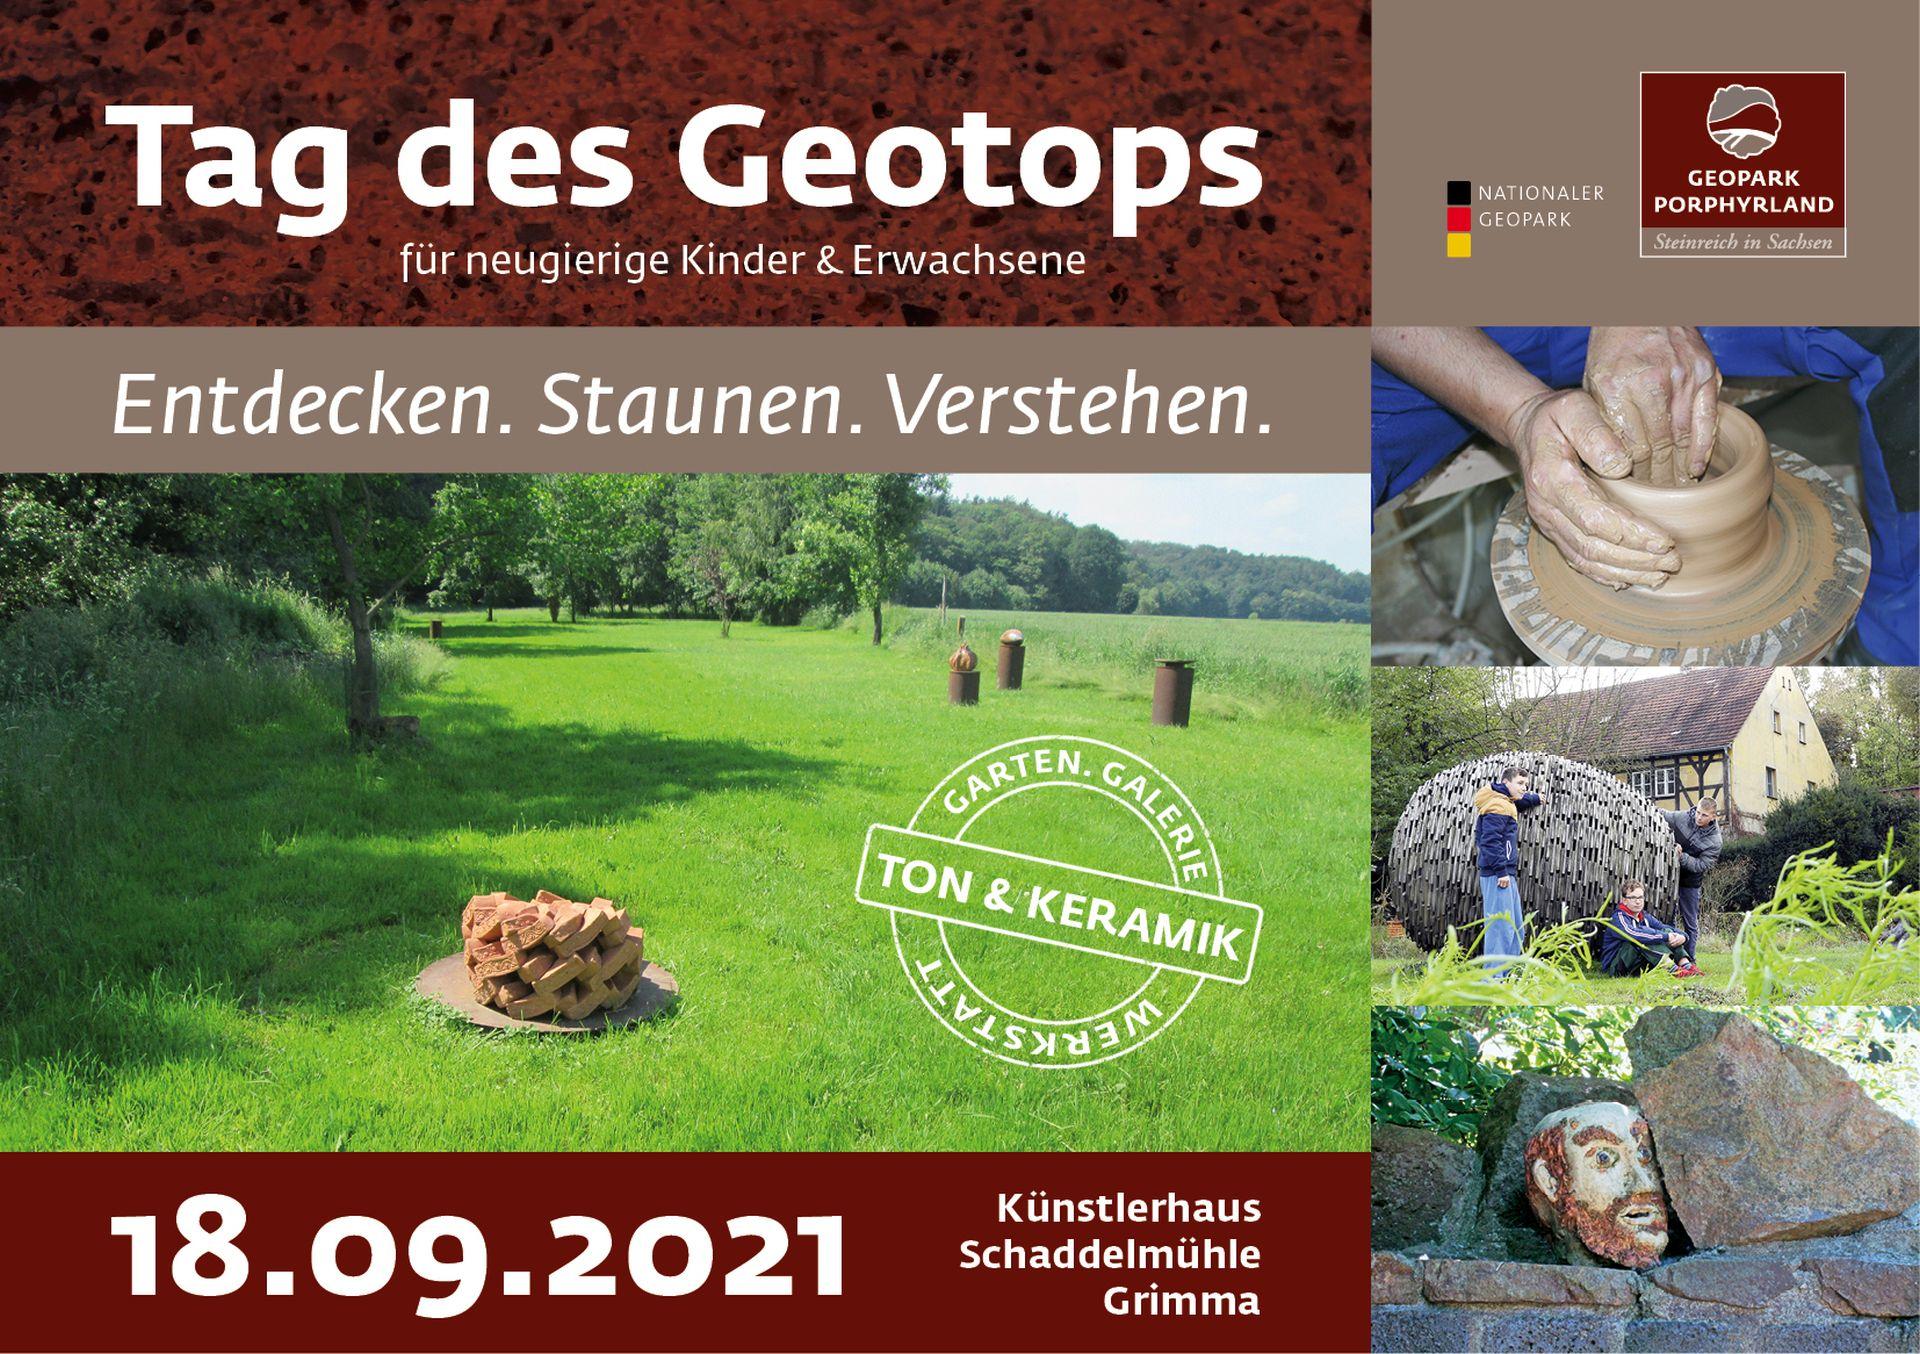 """Tag des Geotops 22021 im Geoportal """"Erden der Keramik"""" in der Schaddelmühle"""